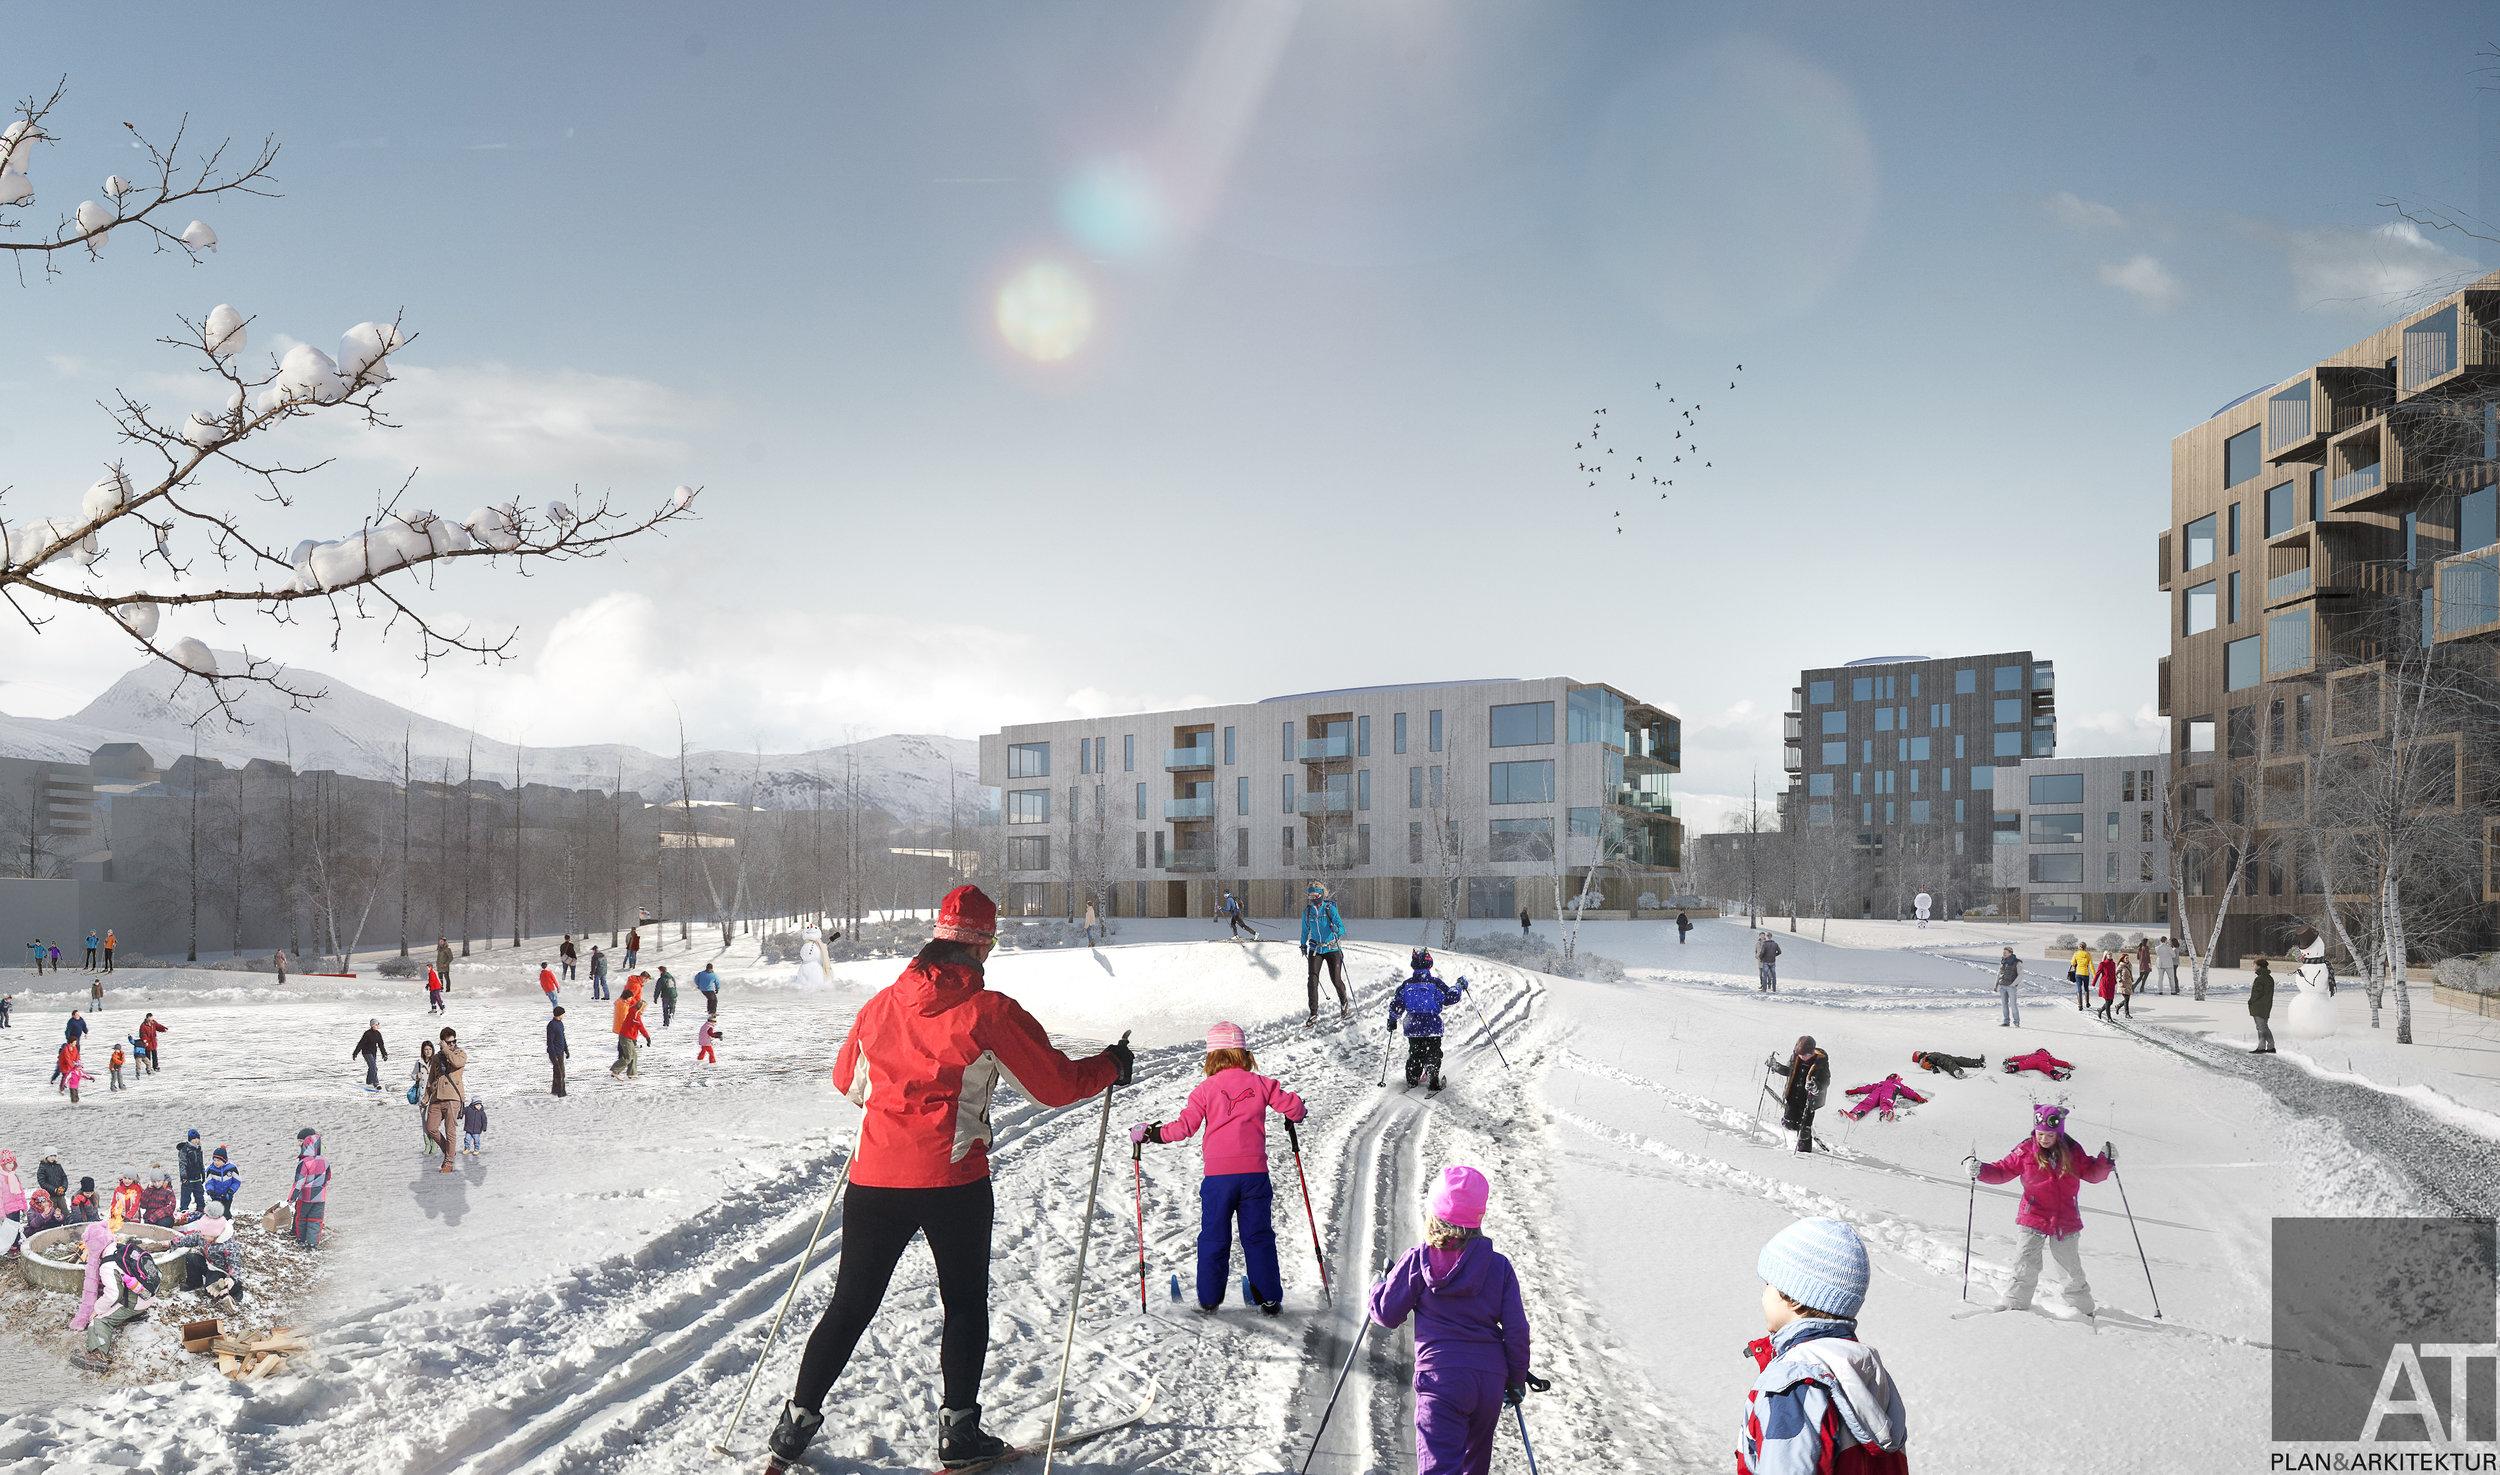 BOLTREPLASS: Nærmere 80 prosent av Einerhagen-området skal bestå av uteområder tilpasset lek, aktivitet og rekreasjon.